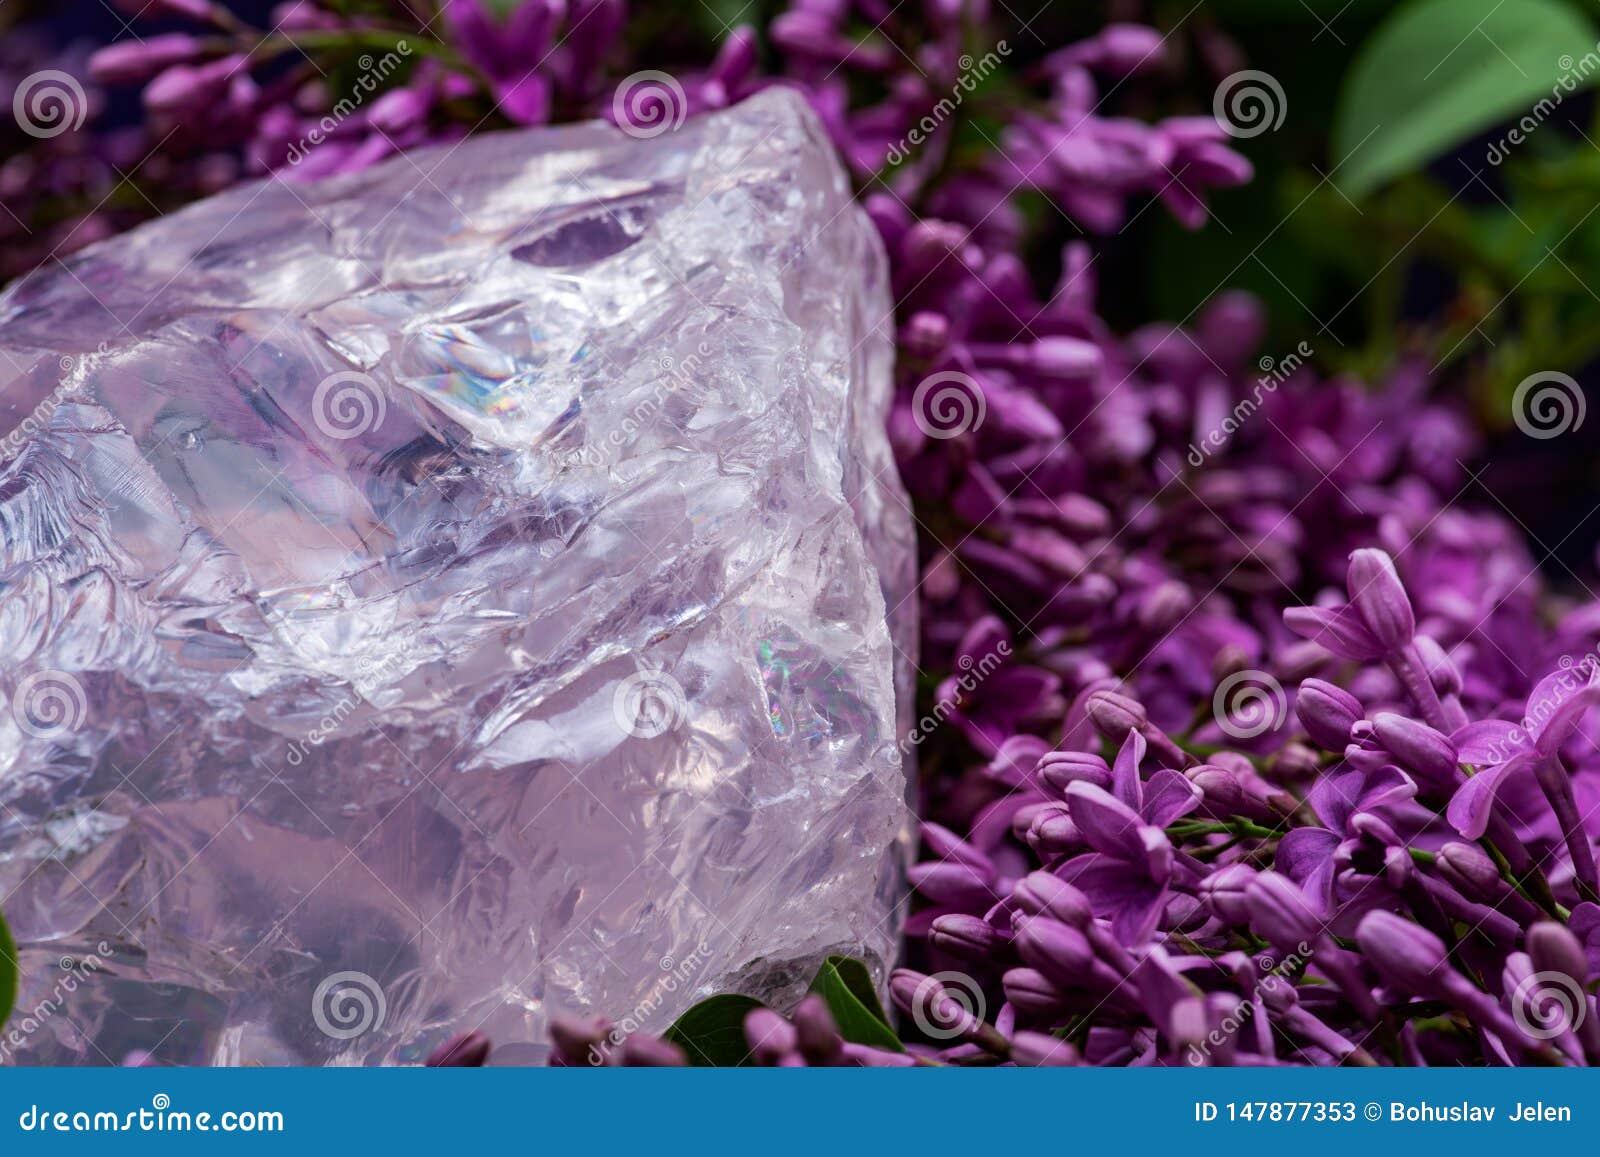 Ο βαθμός πολύτιμων λίθων τραχύς αυξήθηκε χοντρό κομμάτι χαλαζία από τη Μαδαγασκάρη που περιβλήθηκε από το πορφυρό ιώδες λουλούδι